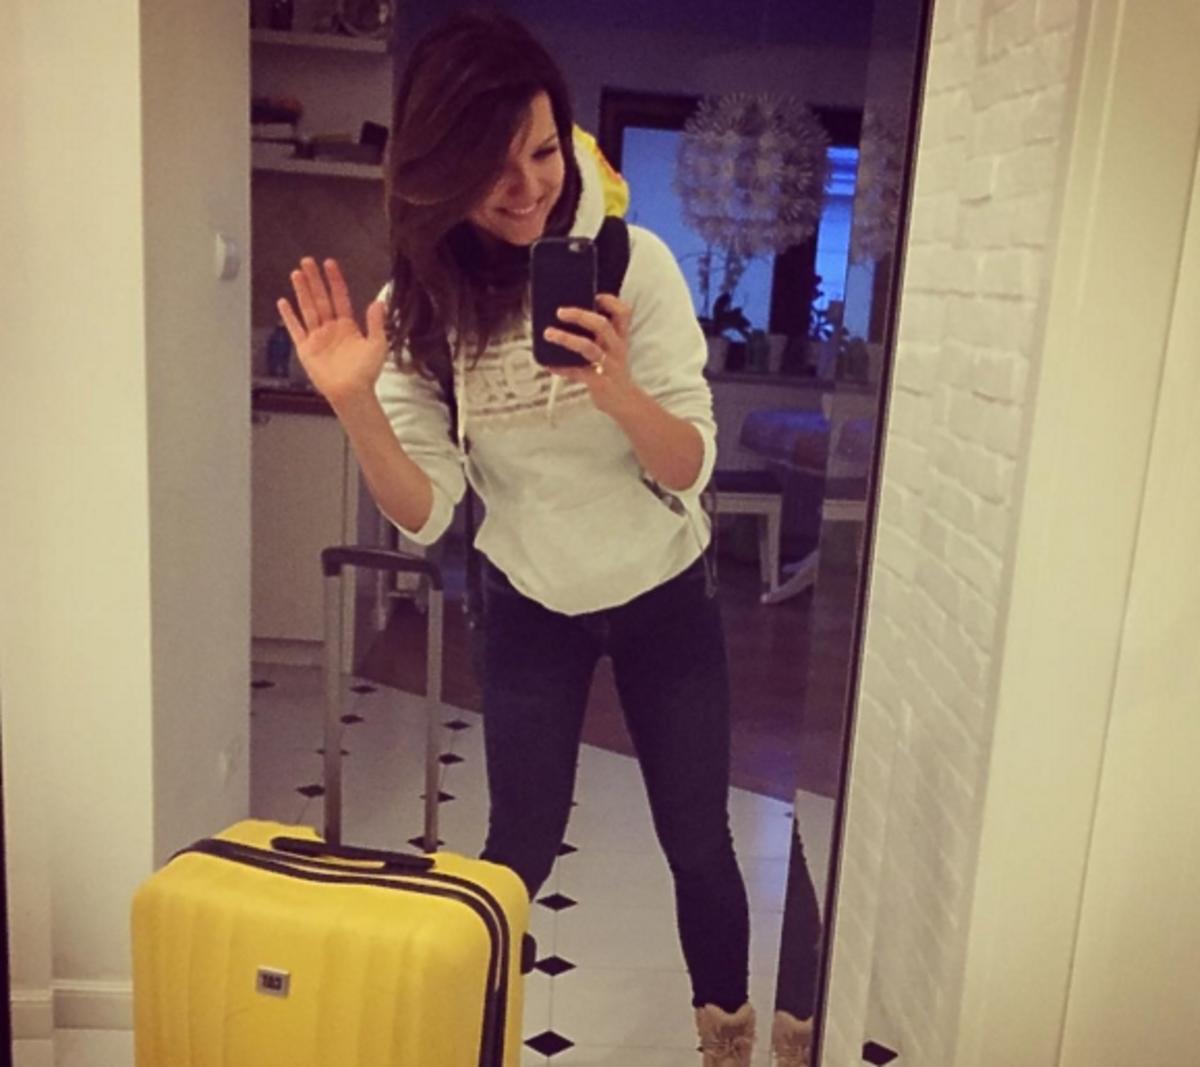 Joanna Jabłczyńska z walizką robi sobie selfie